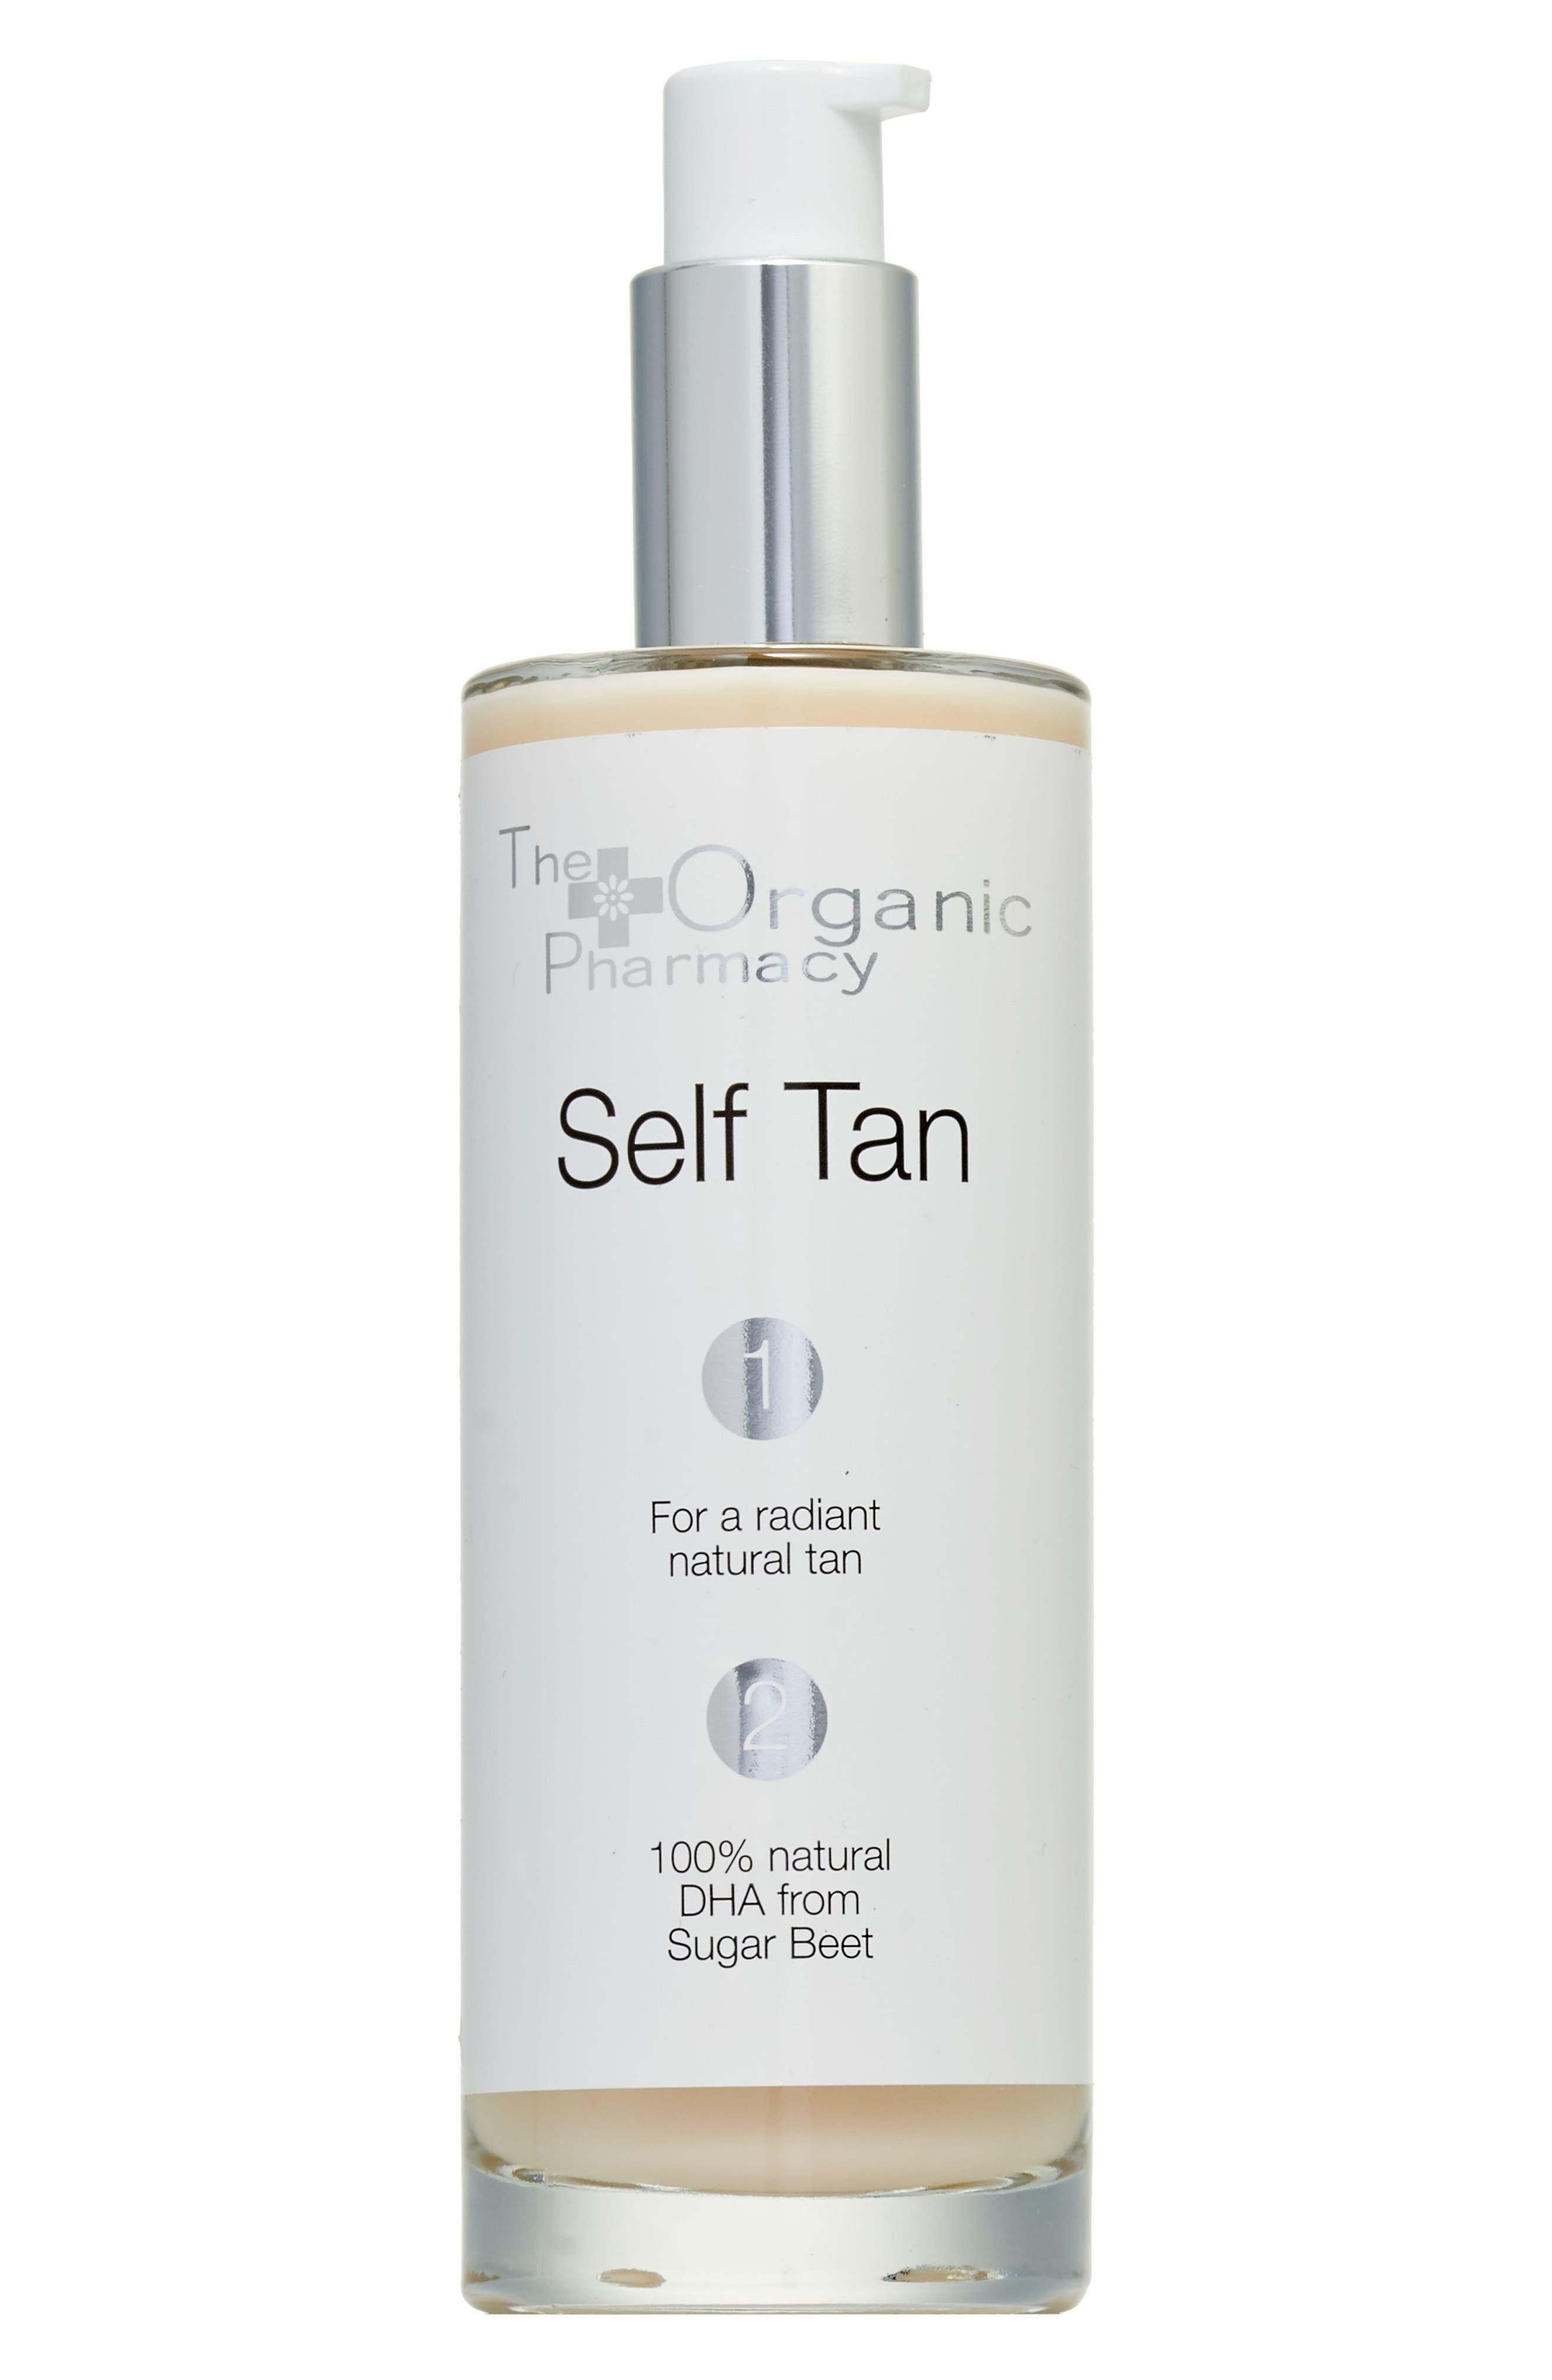 The Organic Pharmacy Self Tan